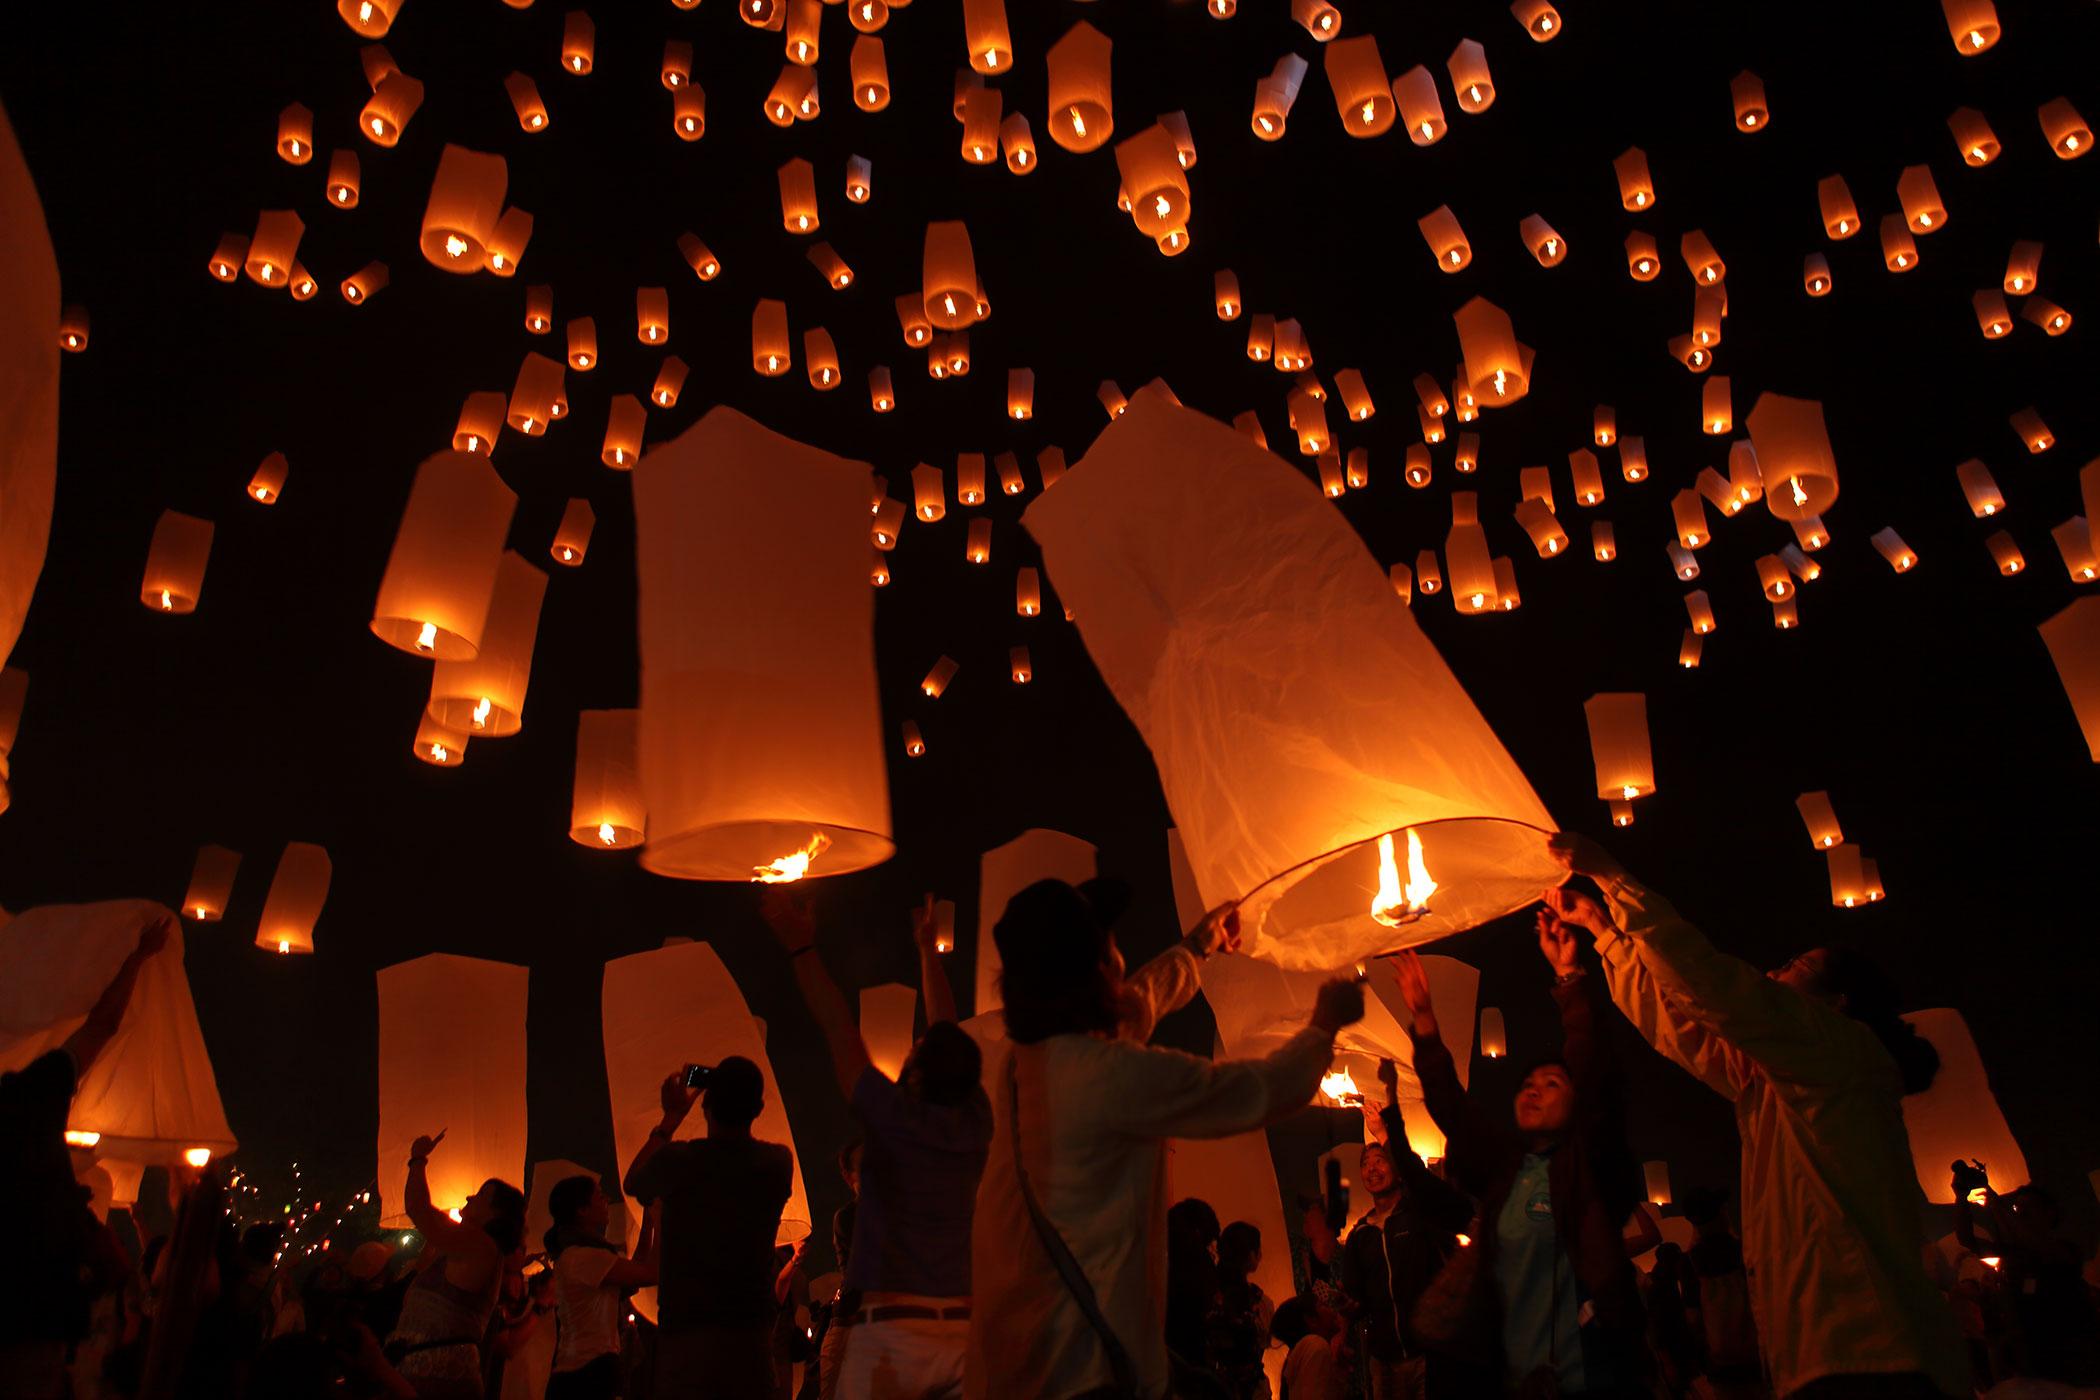 チェンマイ・イーペン祭り - 夜空に熱気球のようなランタンを無数に飛ばす祭り。10~11月の満月に開催される。